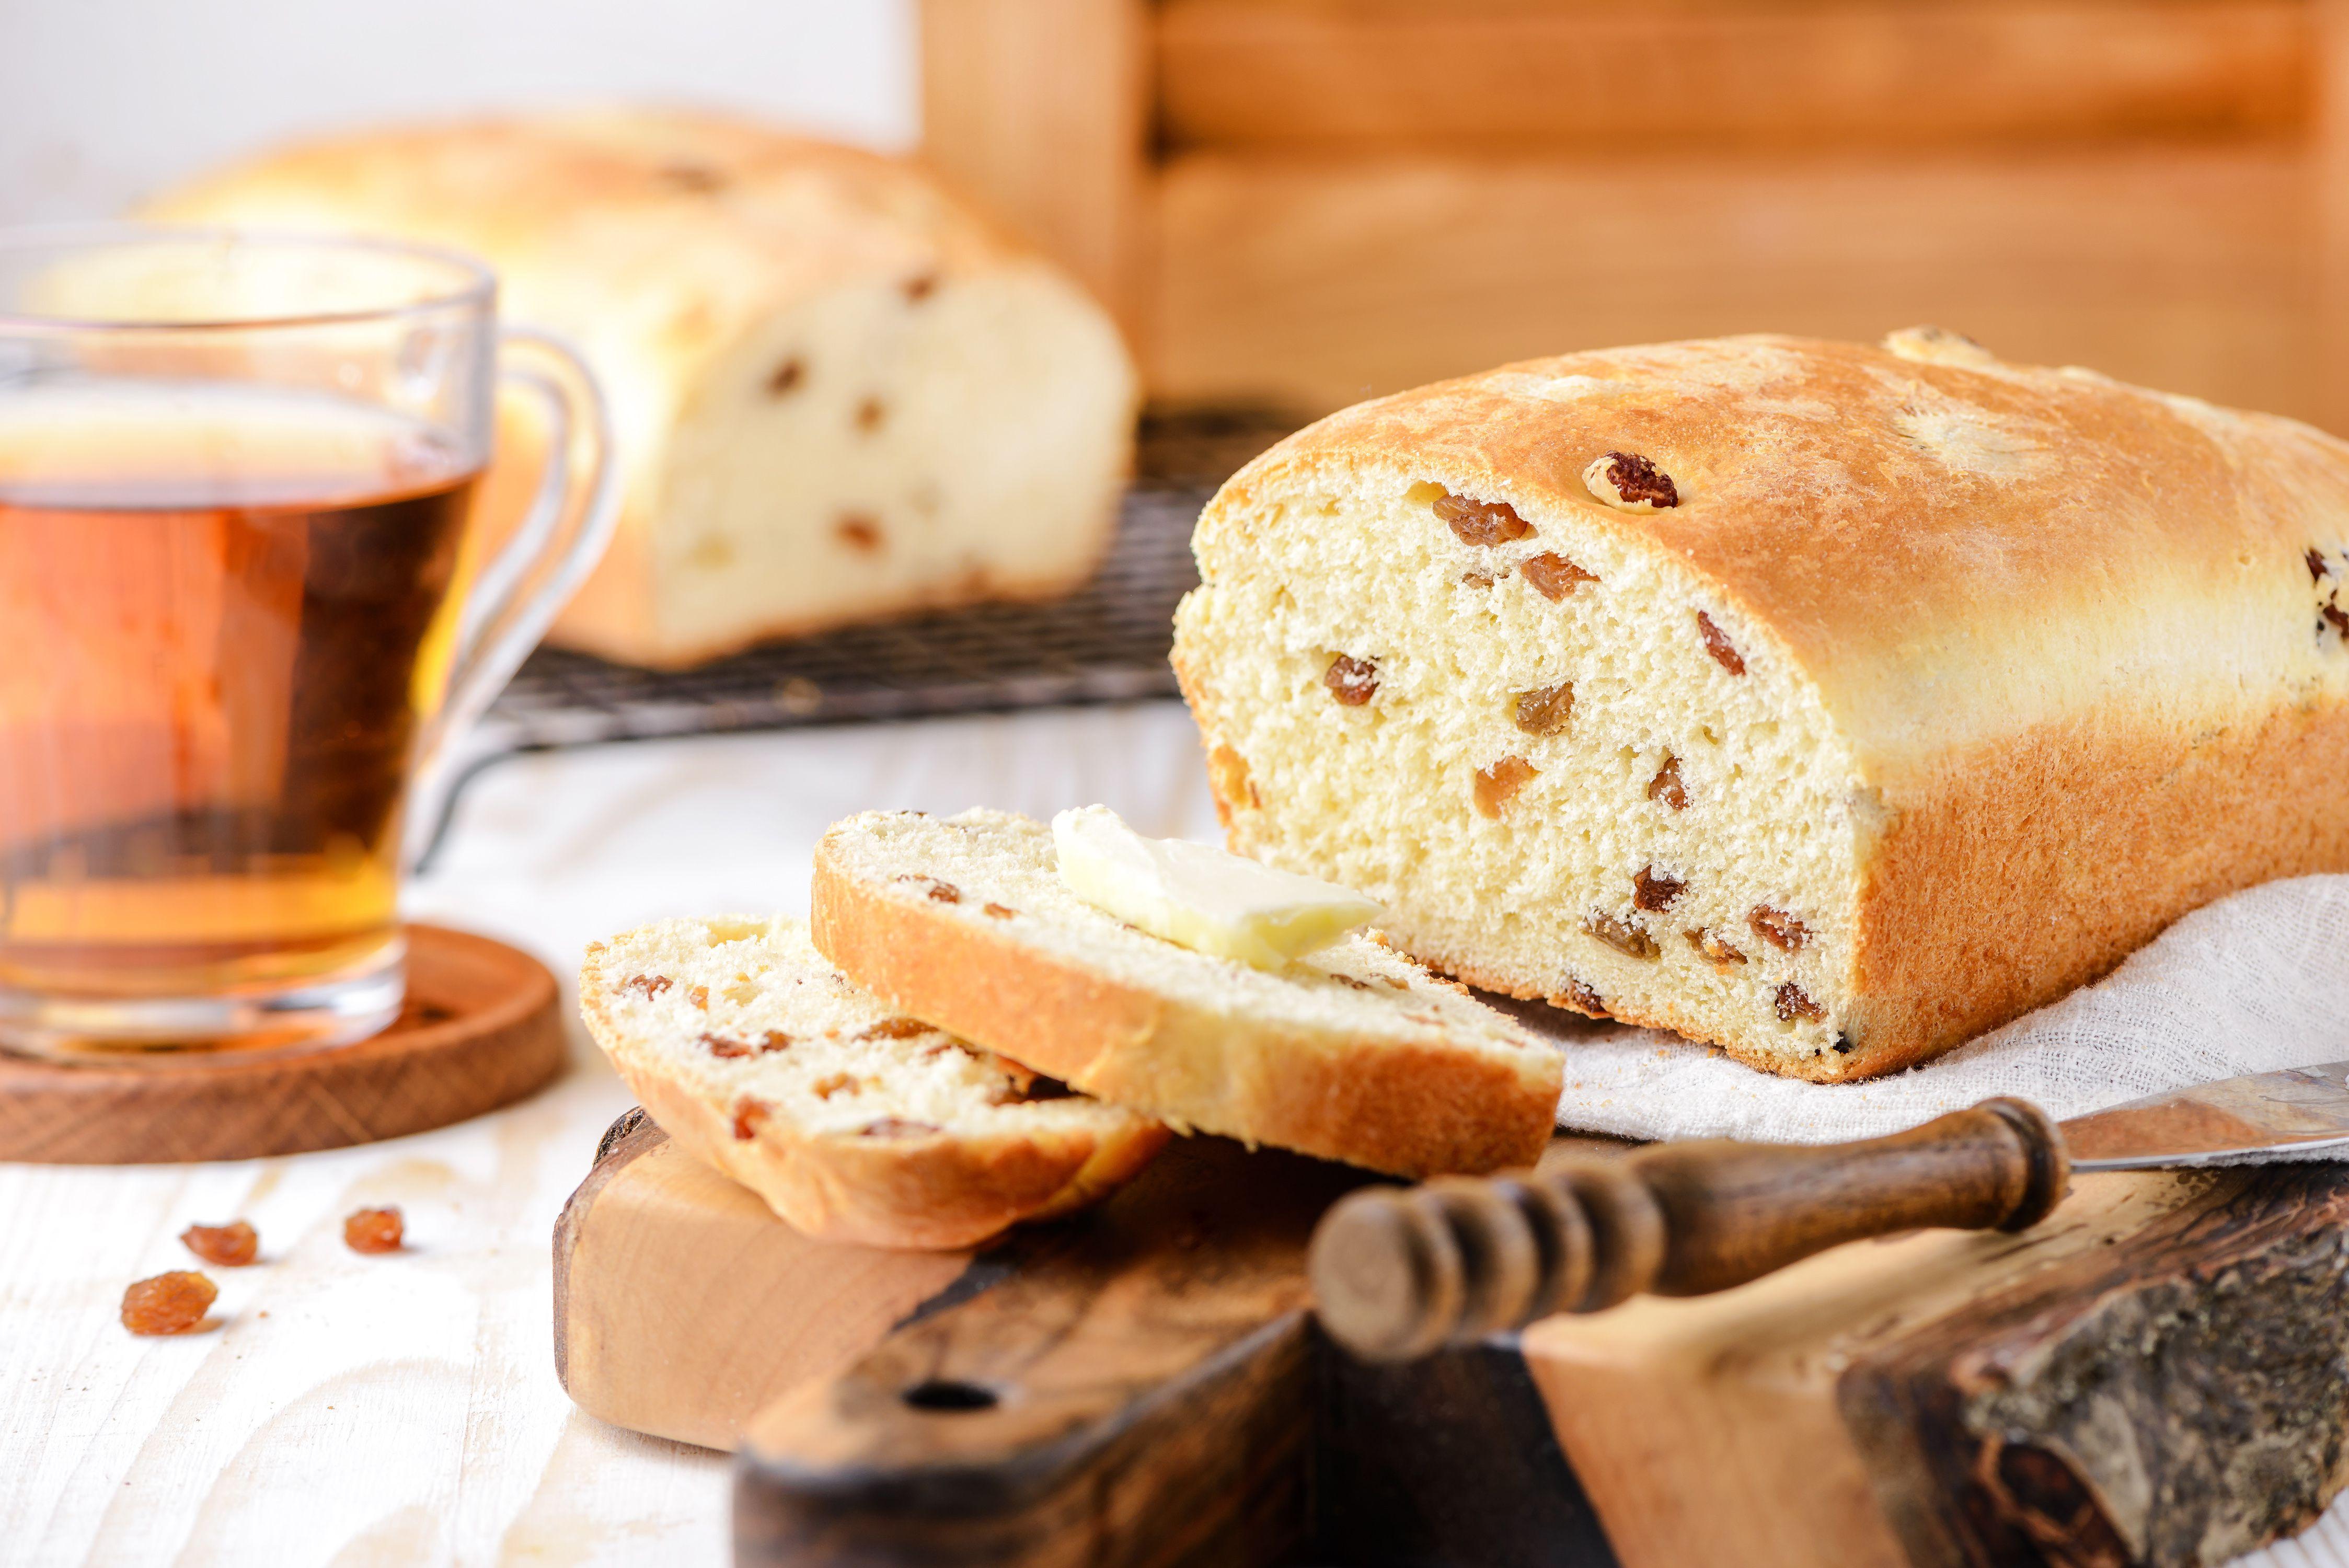 Рецепт домашнего хлеба от фабрисе рено